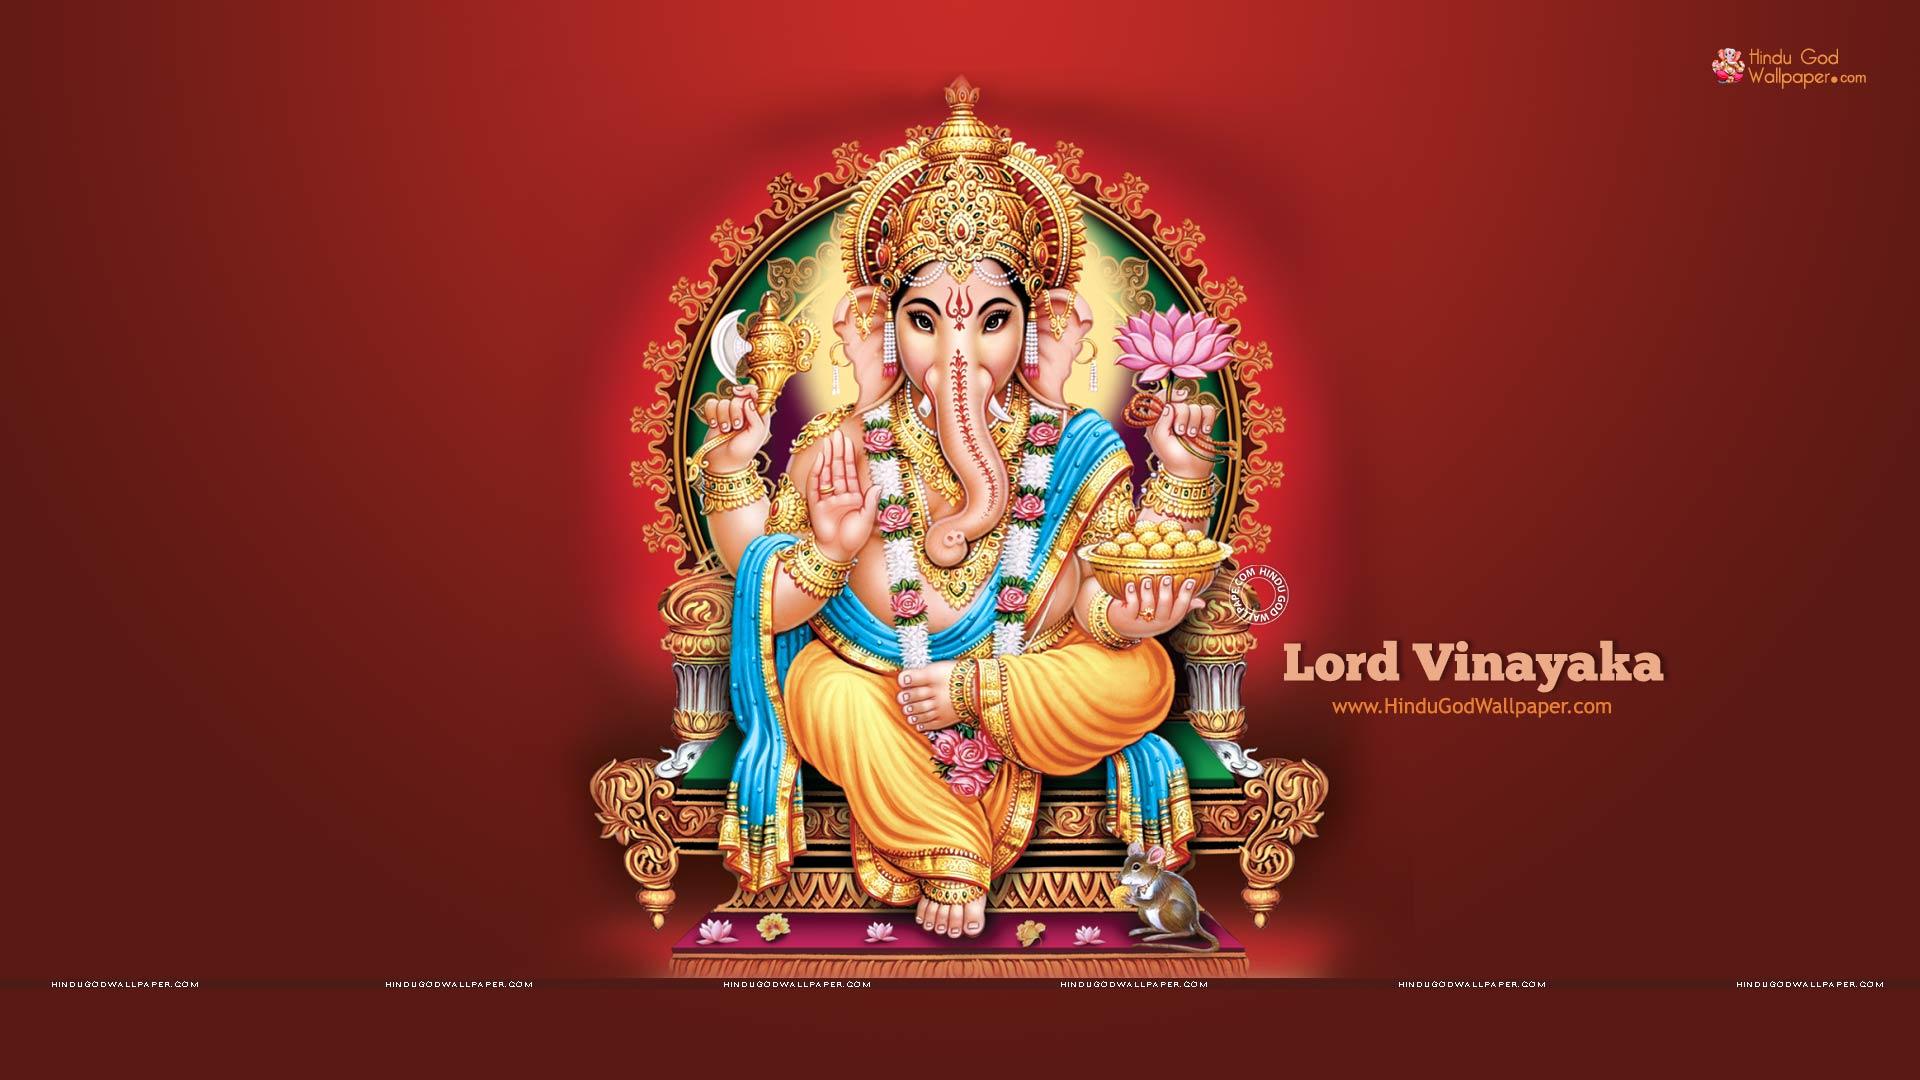 Lord Vinayaka Wallpapers